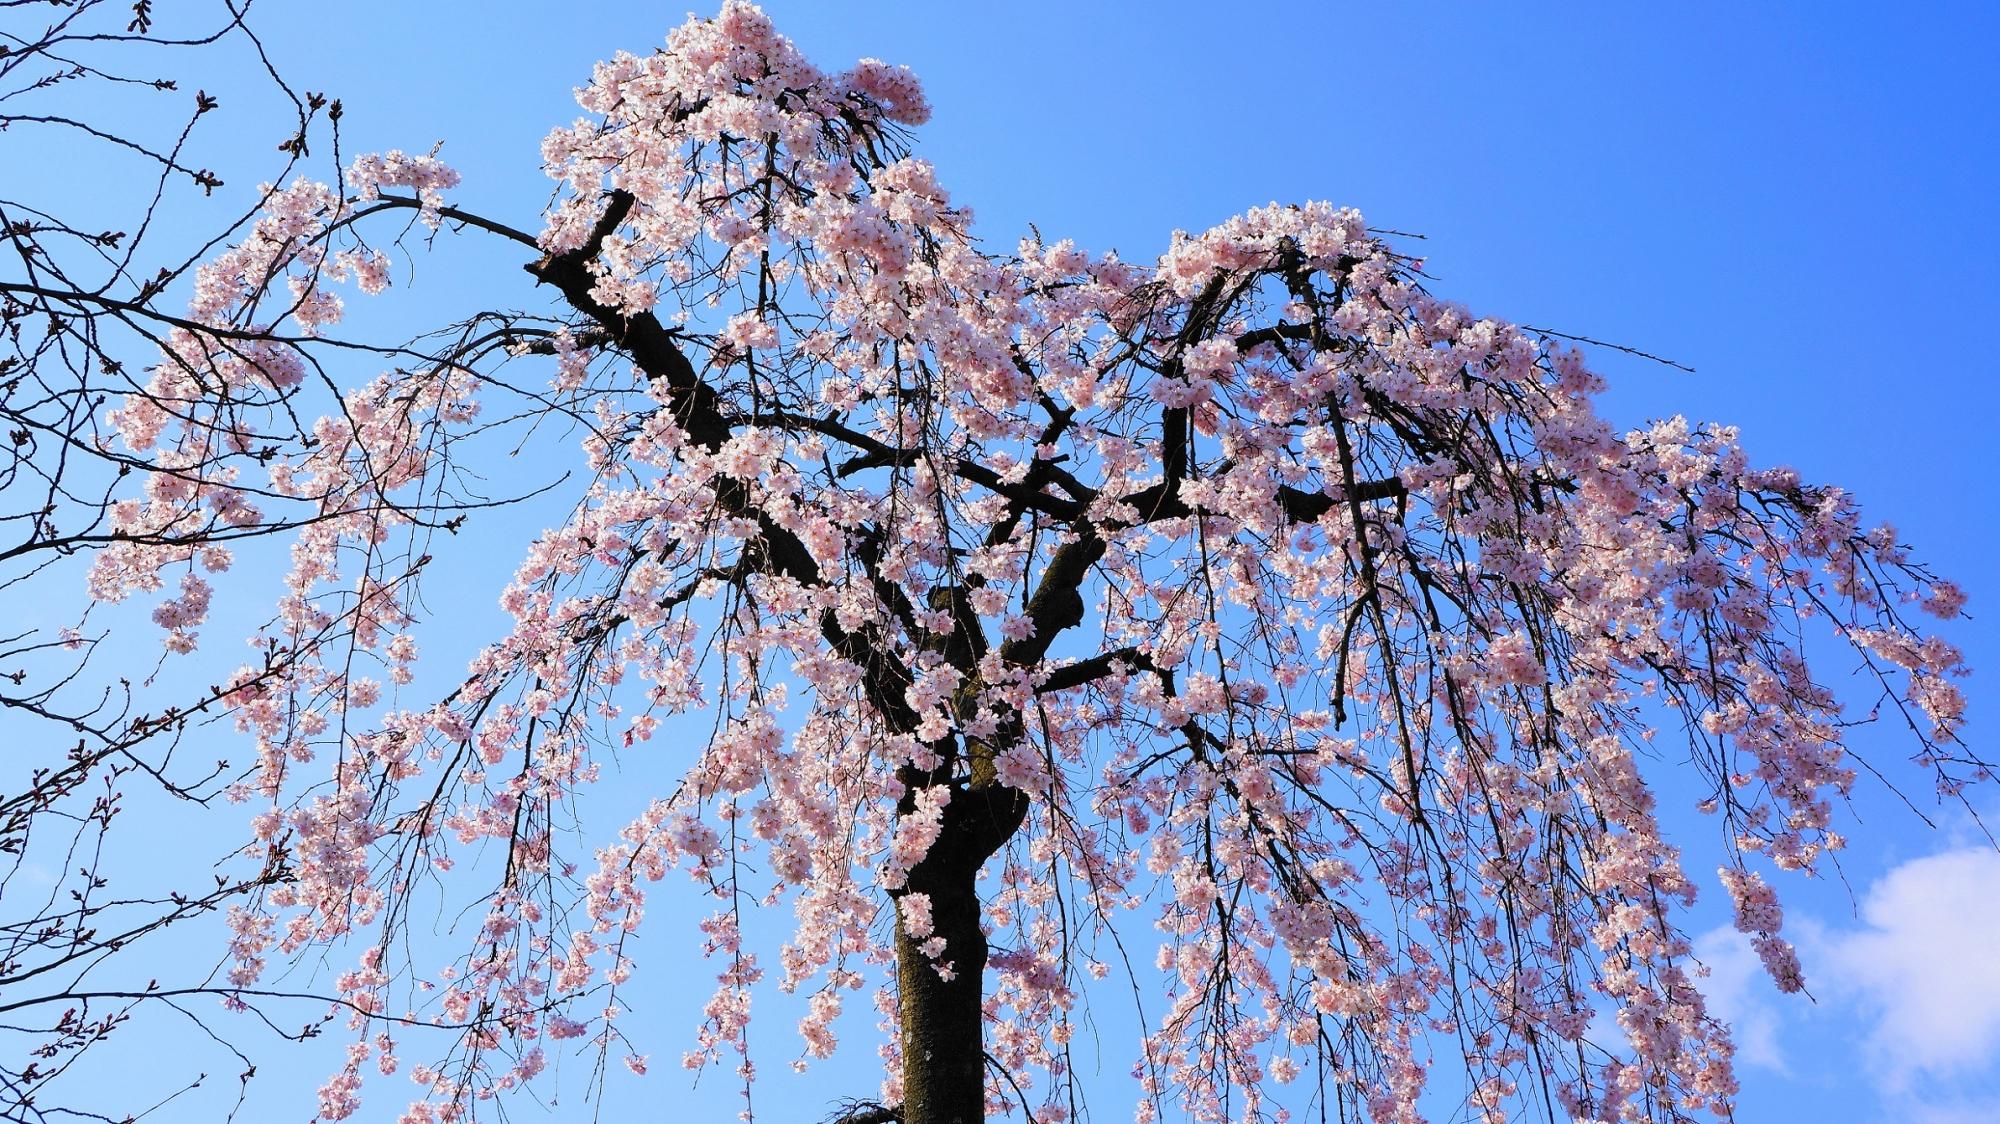 青空にも映えるピンクの桜の花